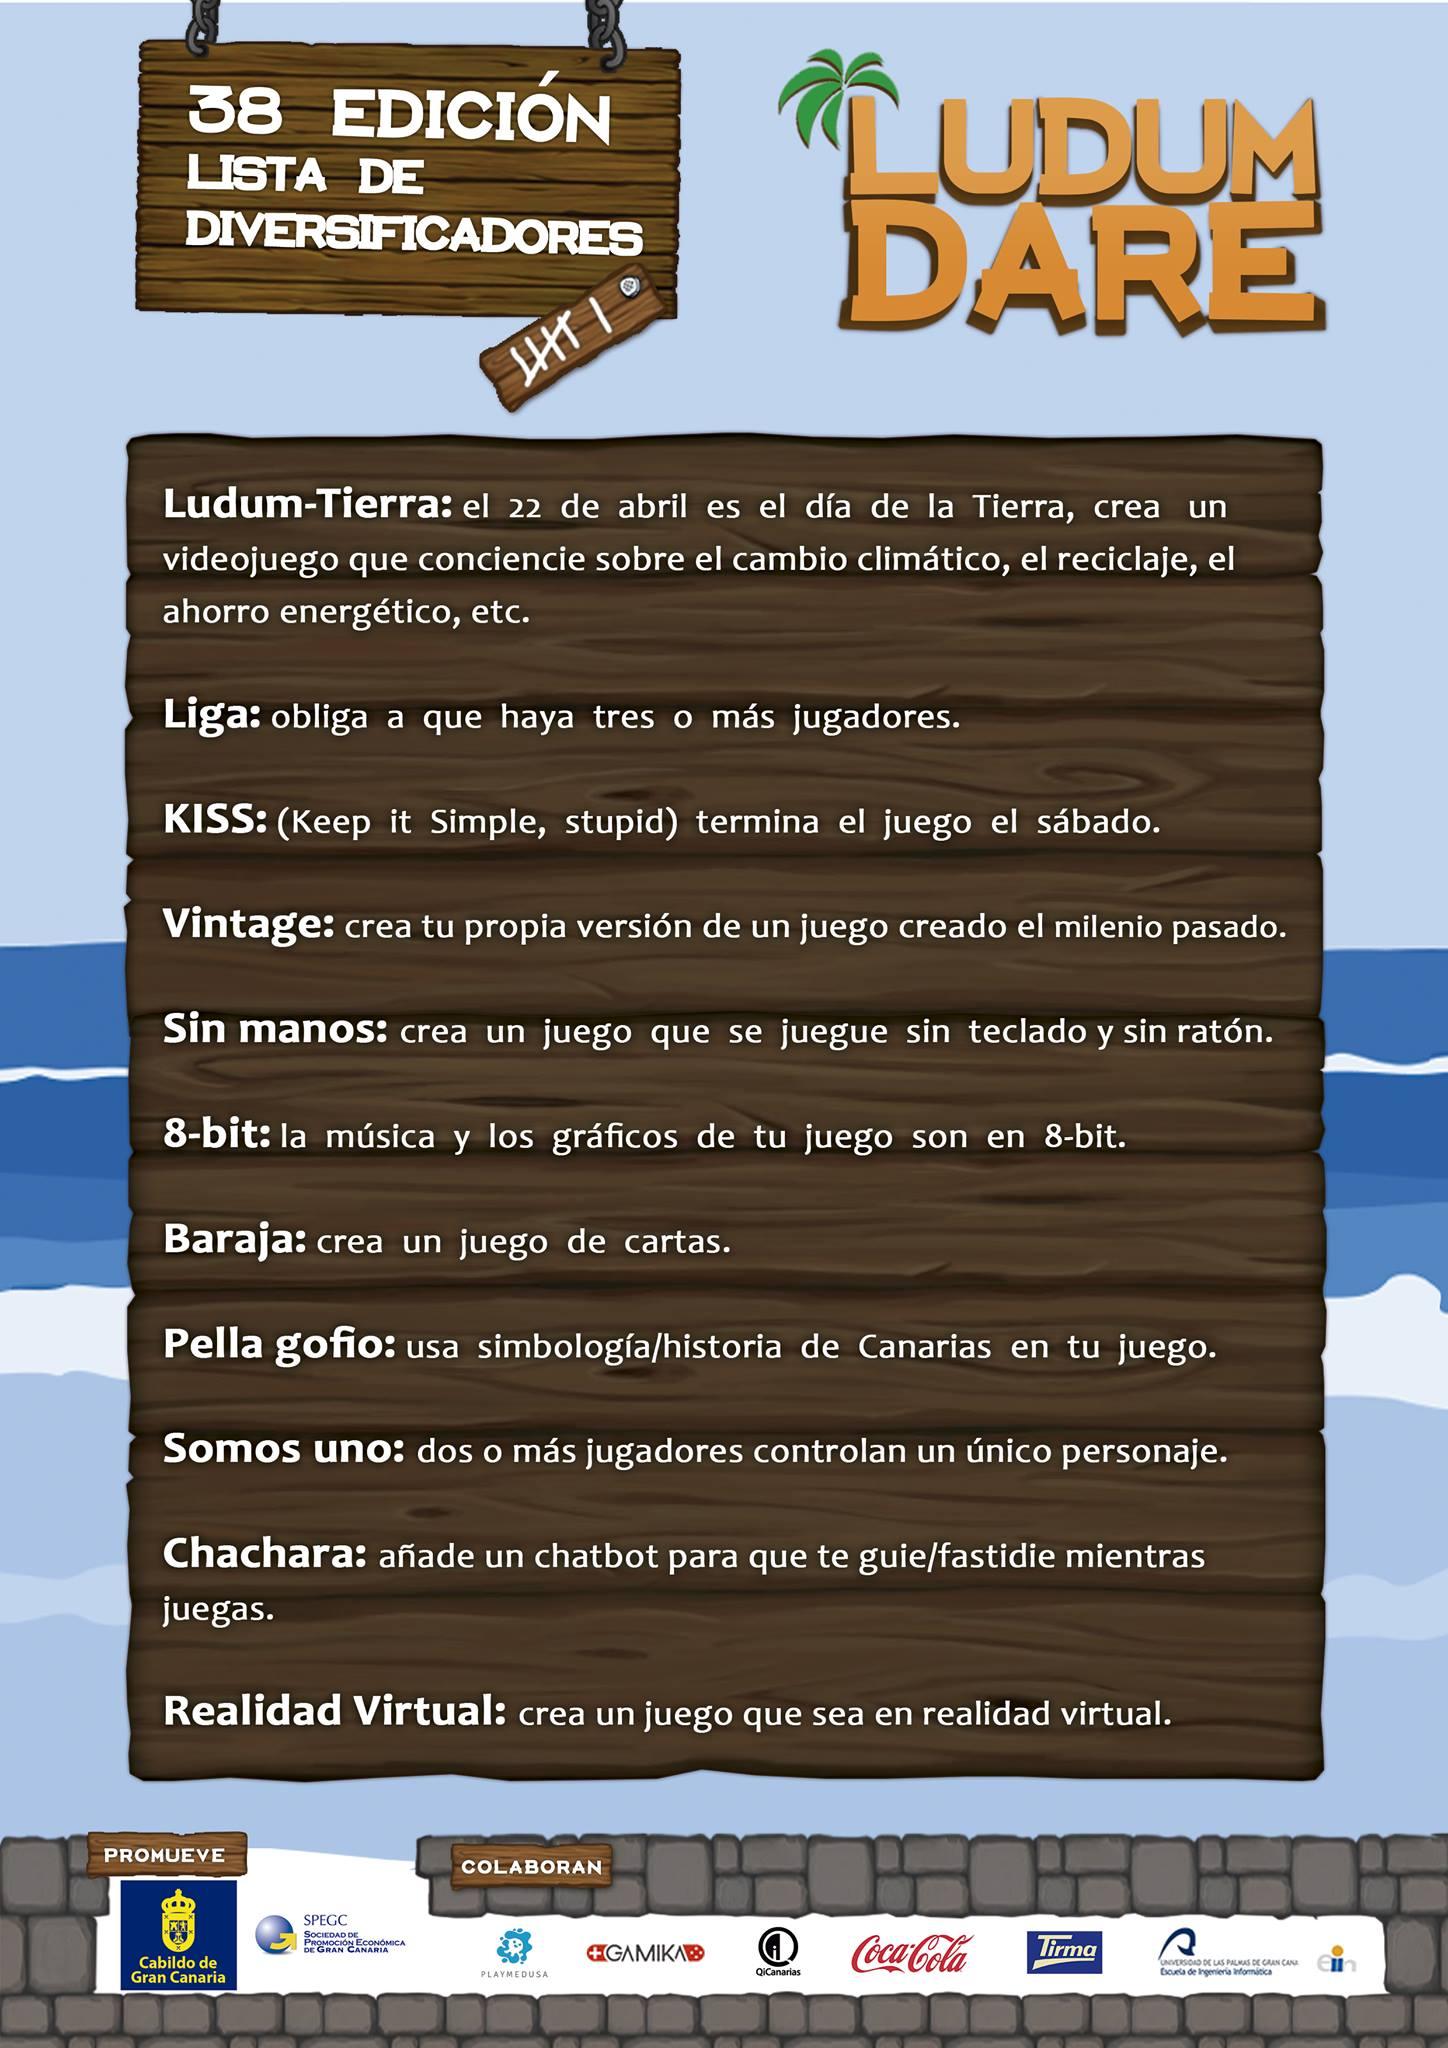 Ludum Dare regresa a Gran Canaria del 21 al 23 de abril // CanariasCreativa.com